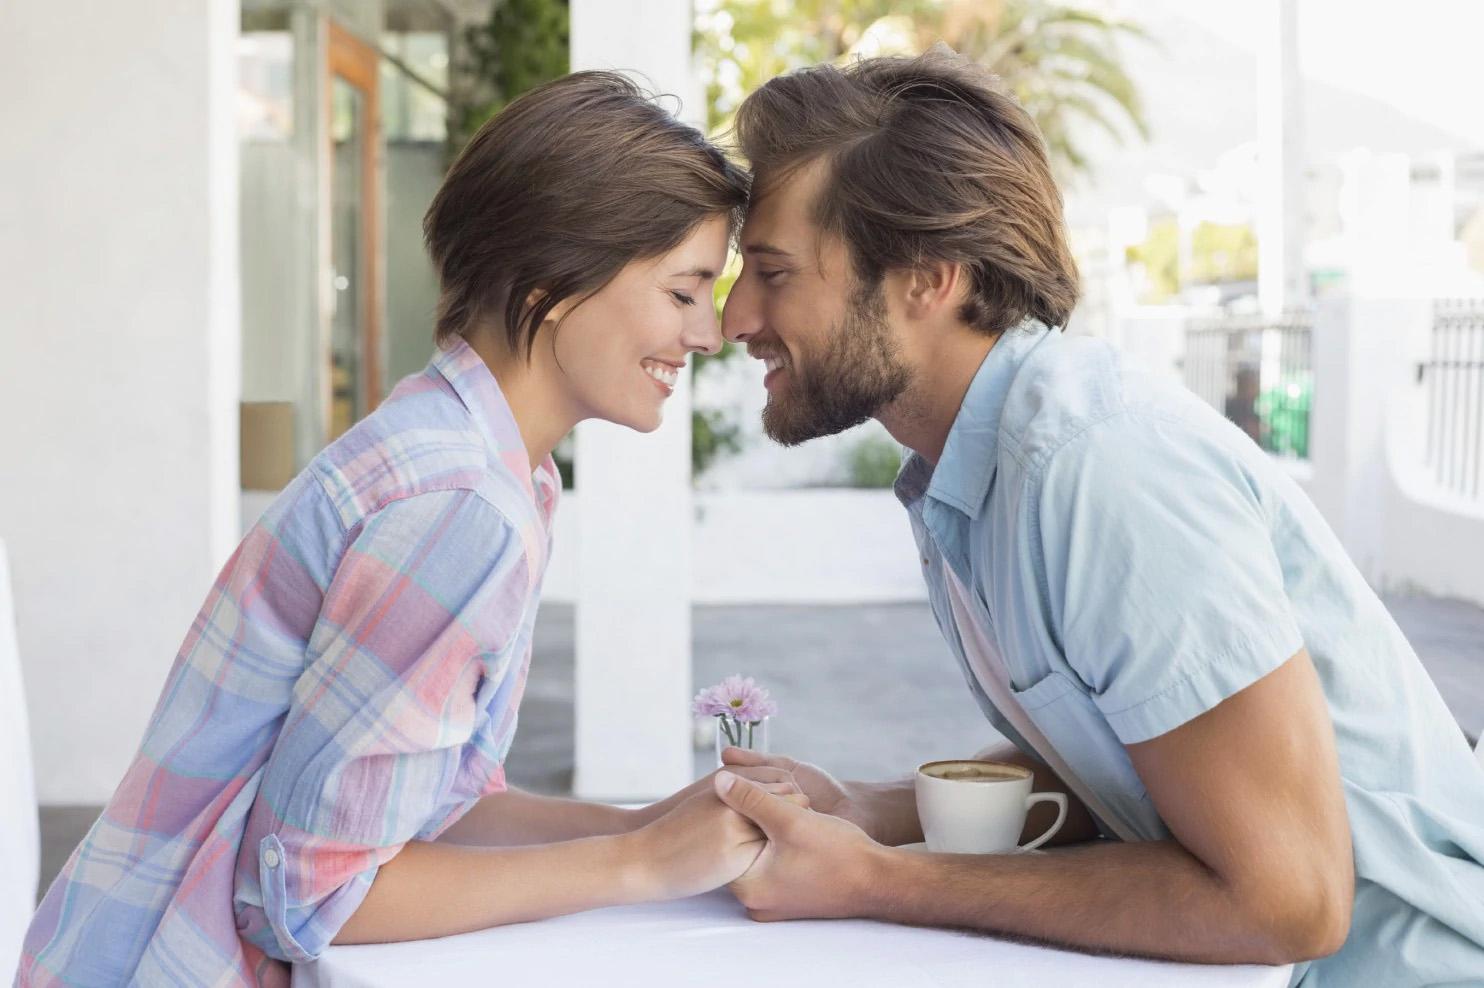 kosmopolitisk Storbritannien dating